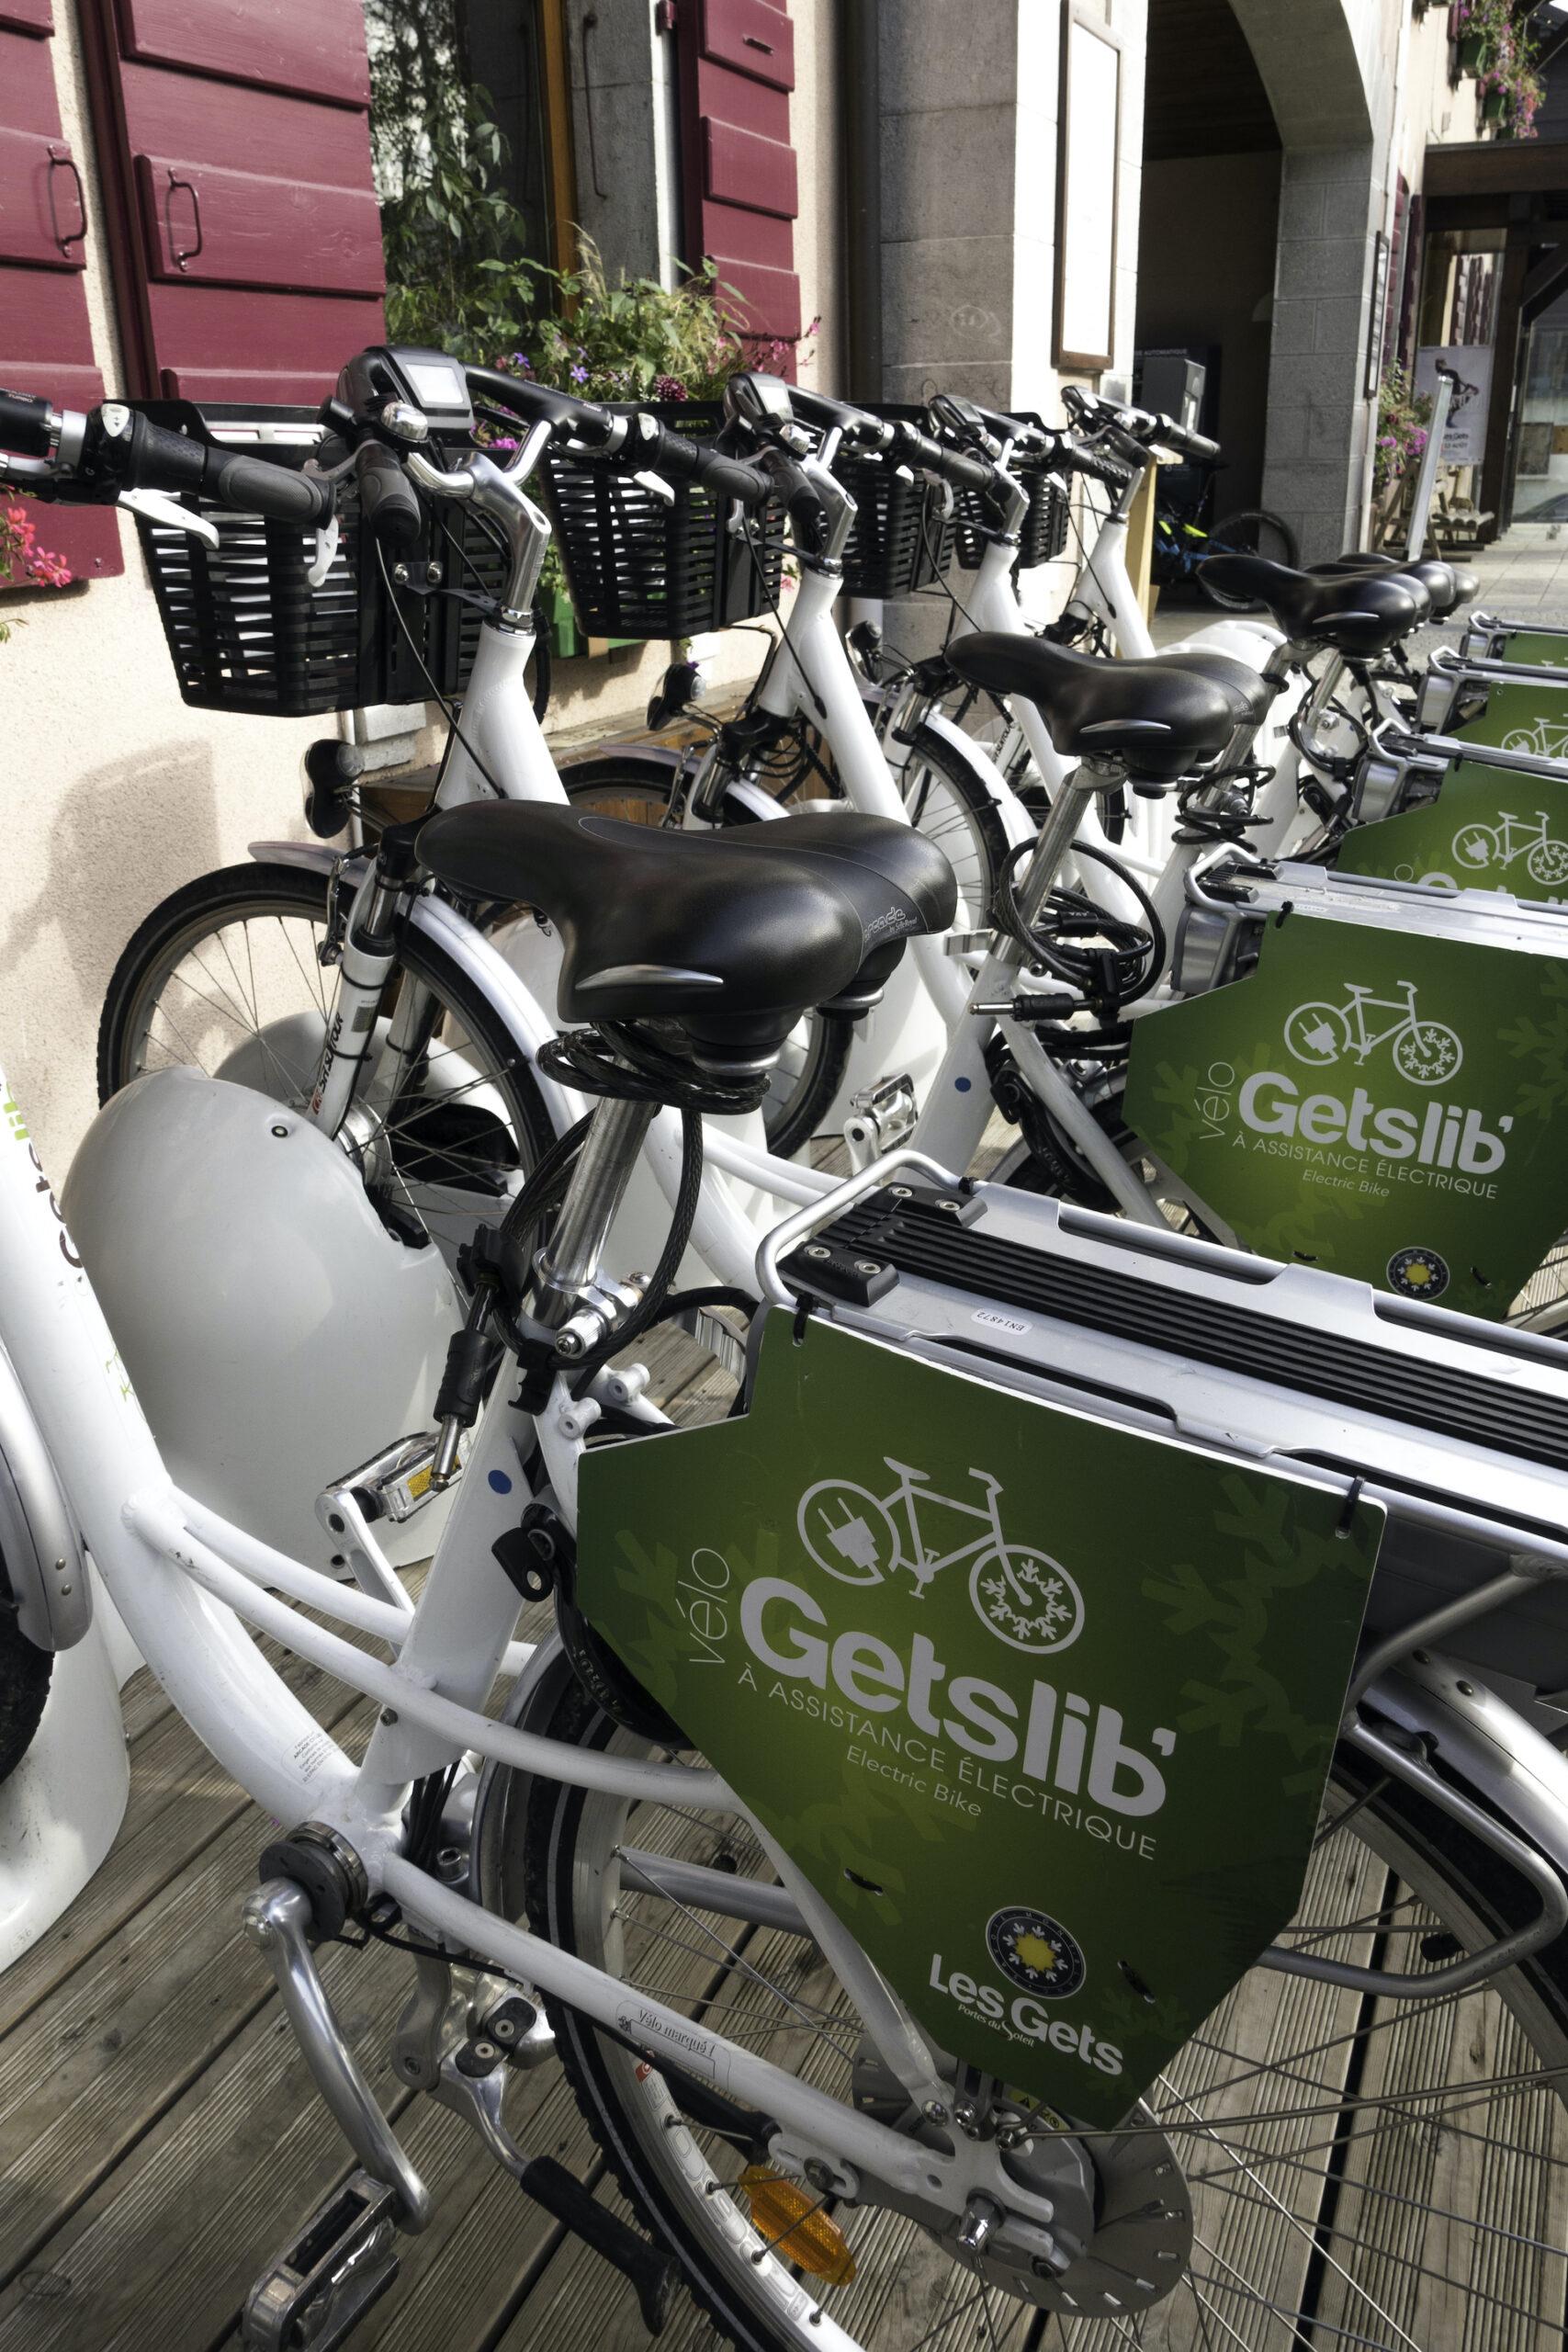 Gets'Libs vélos électriques stationnés